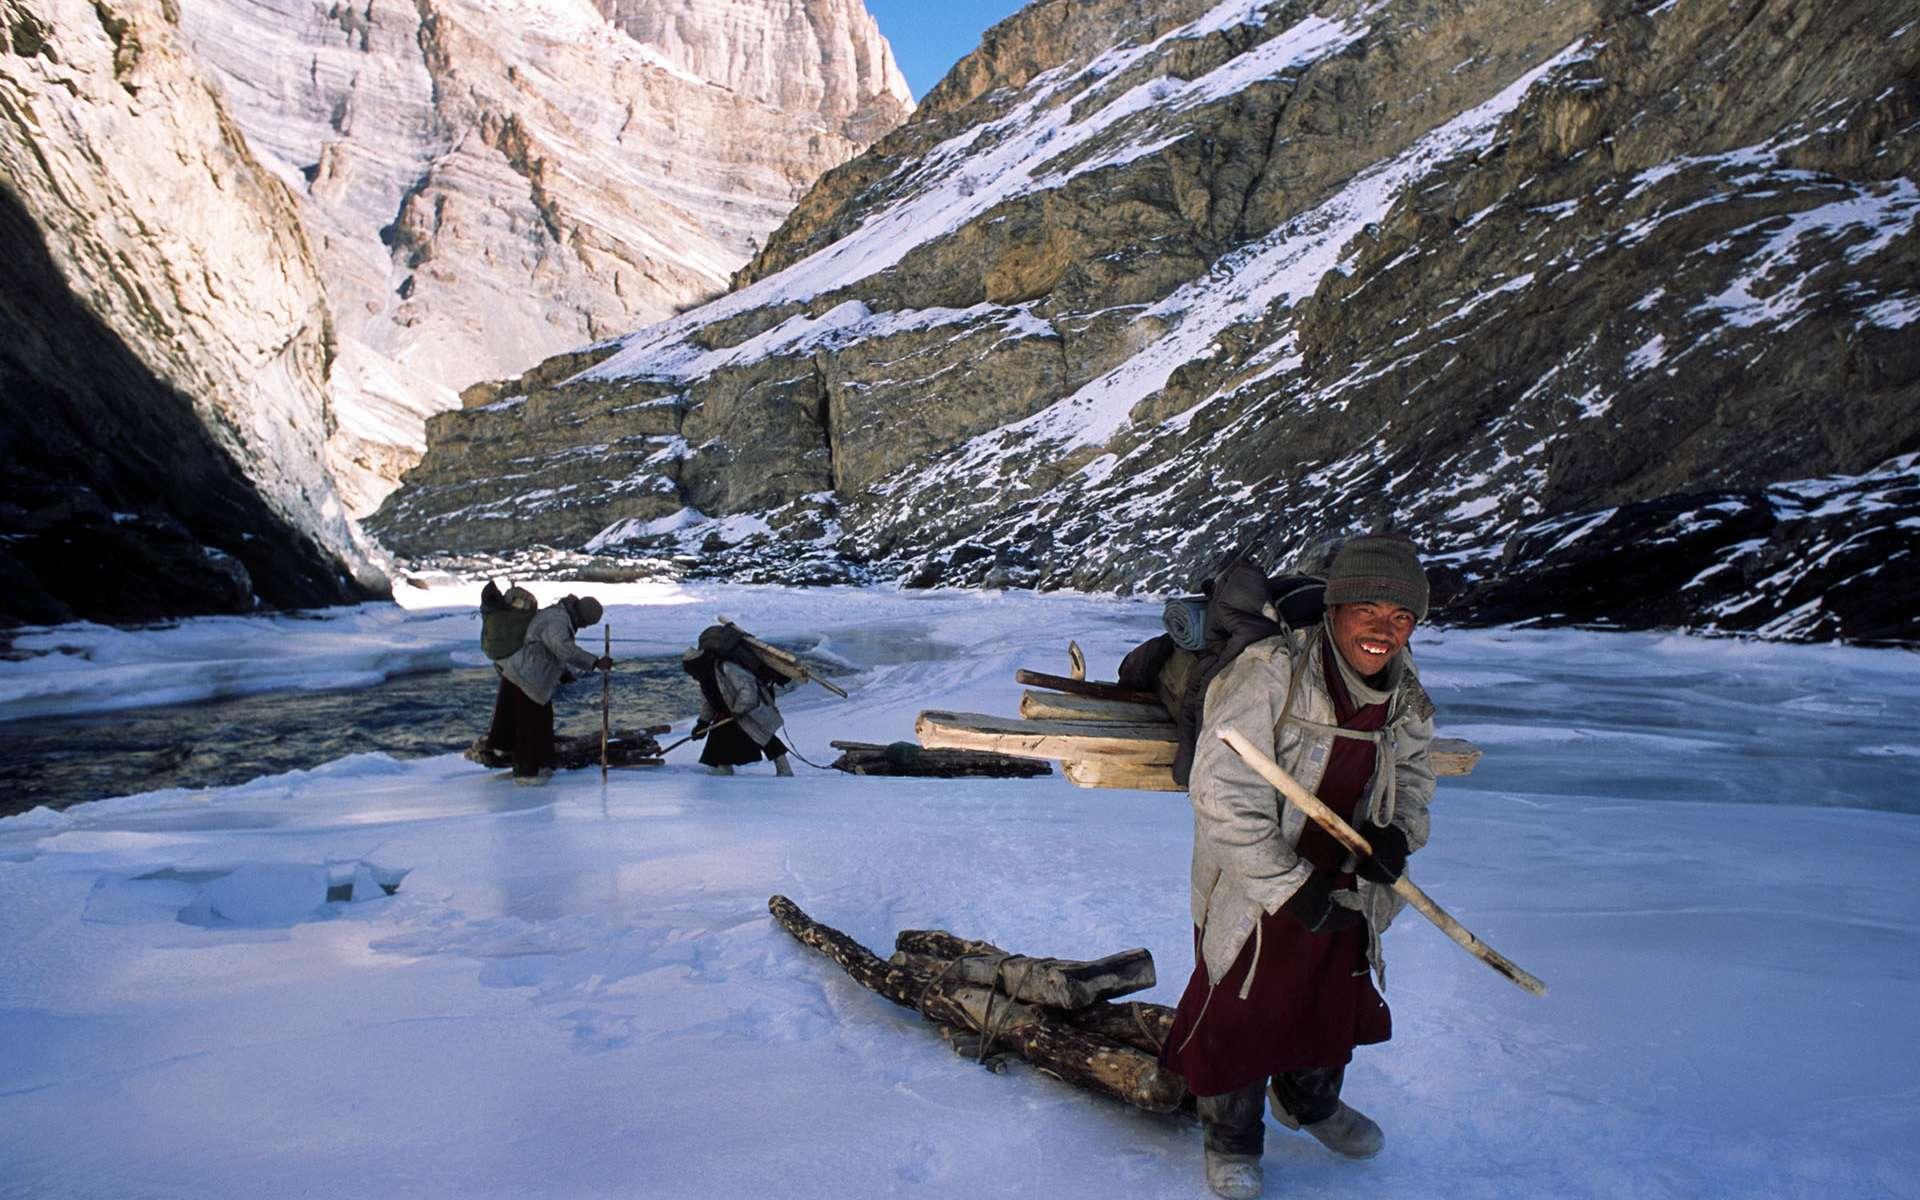 Le «Tchadar» est le nom que l'on donne au fleuve, gelé quelques semaines par an, unique lien en hiver entre la vallée du Zanskar et le reste du monde. Suivant l'état de la glace, une semaine de marche est nécessaire pour relier le Zanskar au Ladakh.Chaque hiver, des hommes le parcourent, portant du bois vers leurs villages respectifs. © Erik Lapied, tous droits réservés